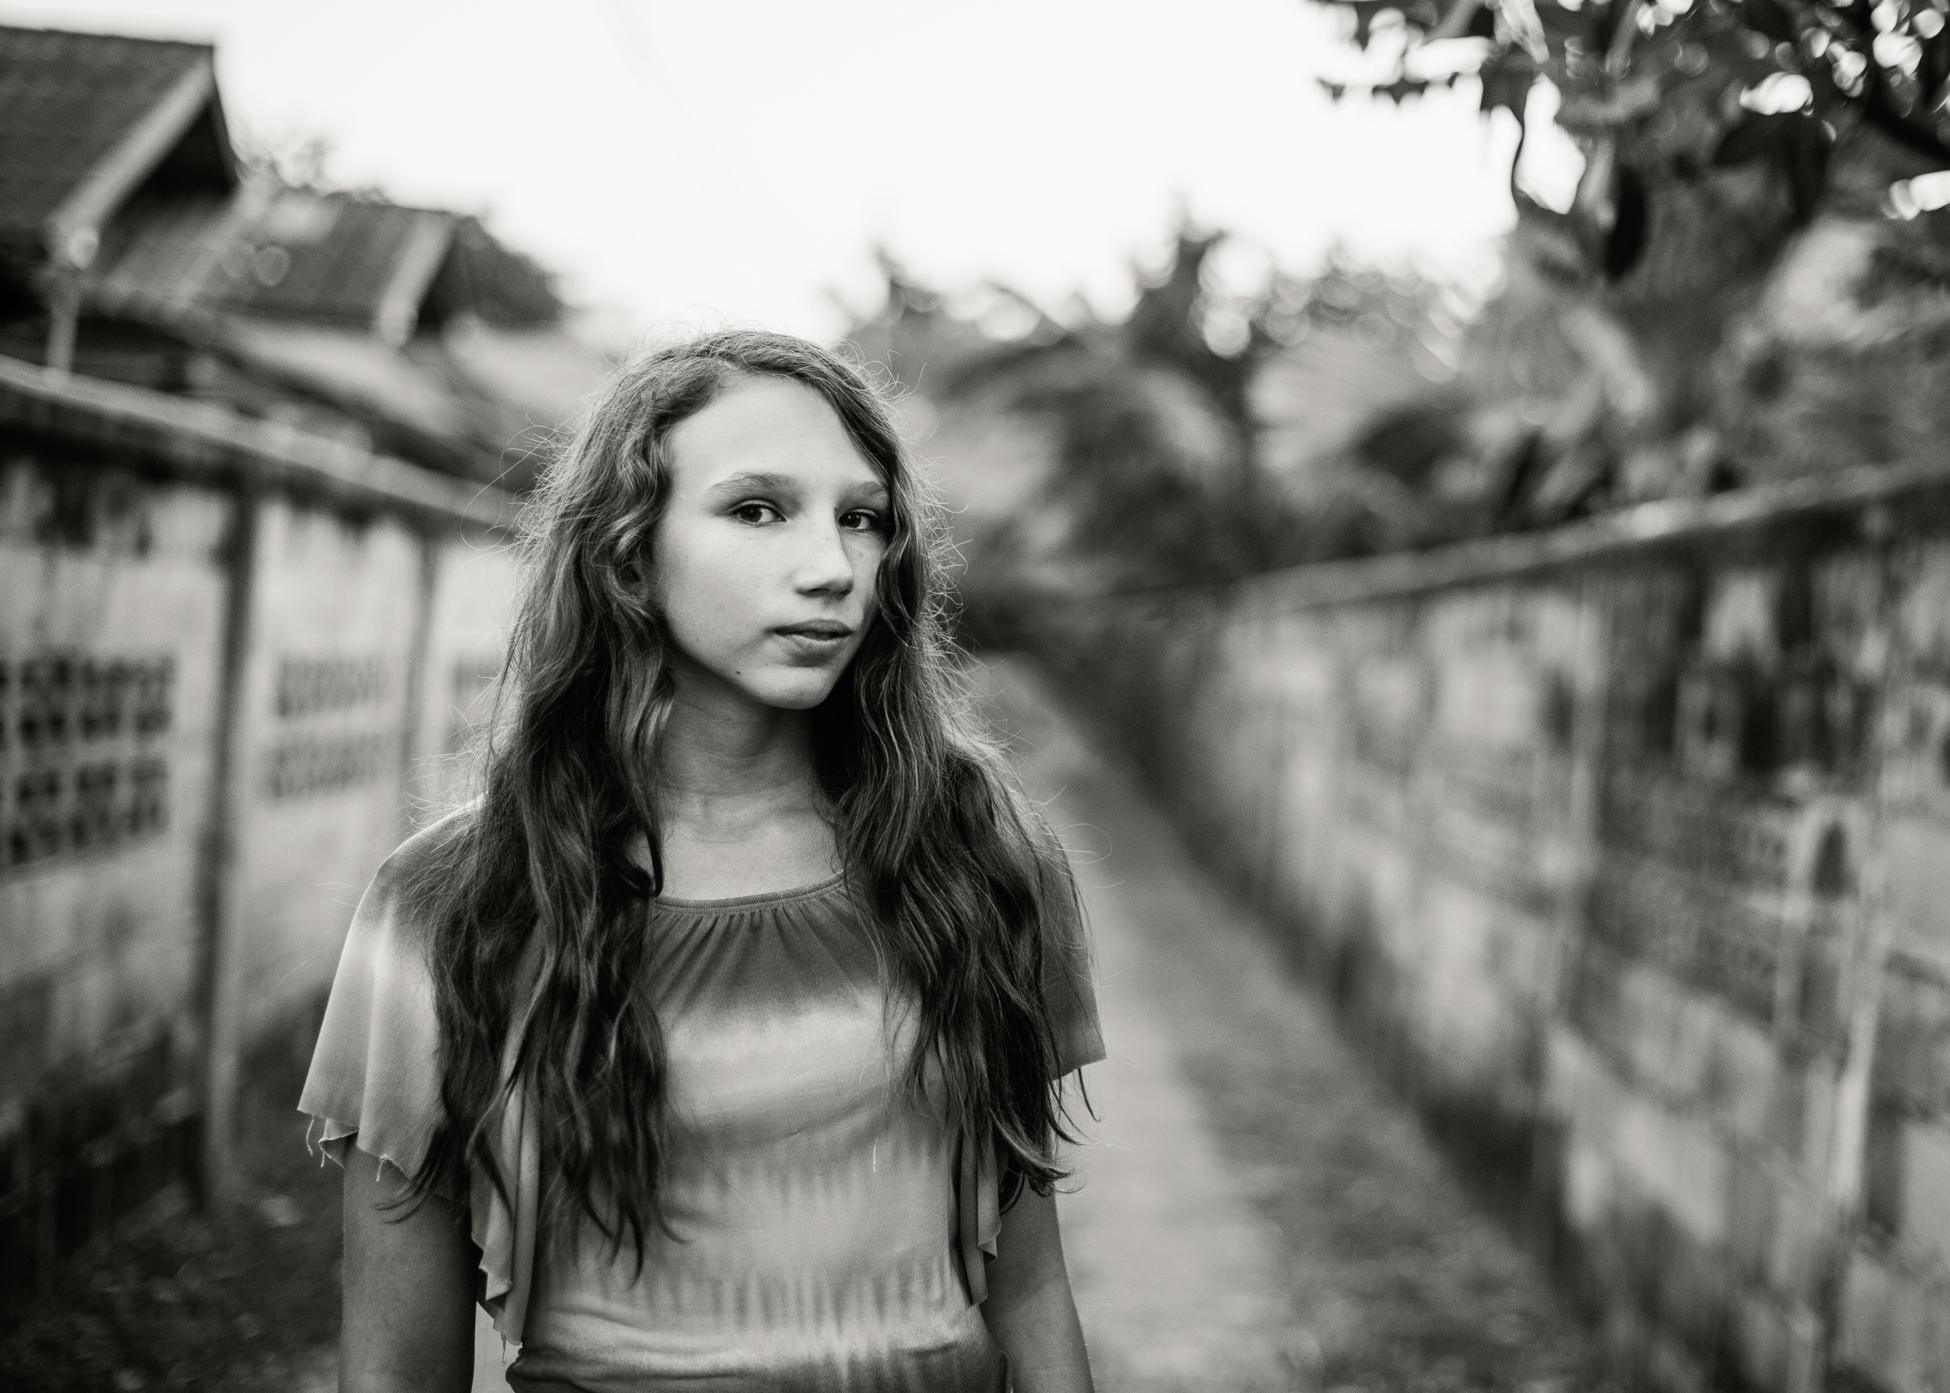 Amelie, Laos, 2015